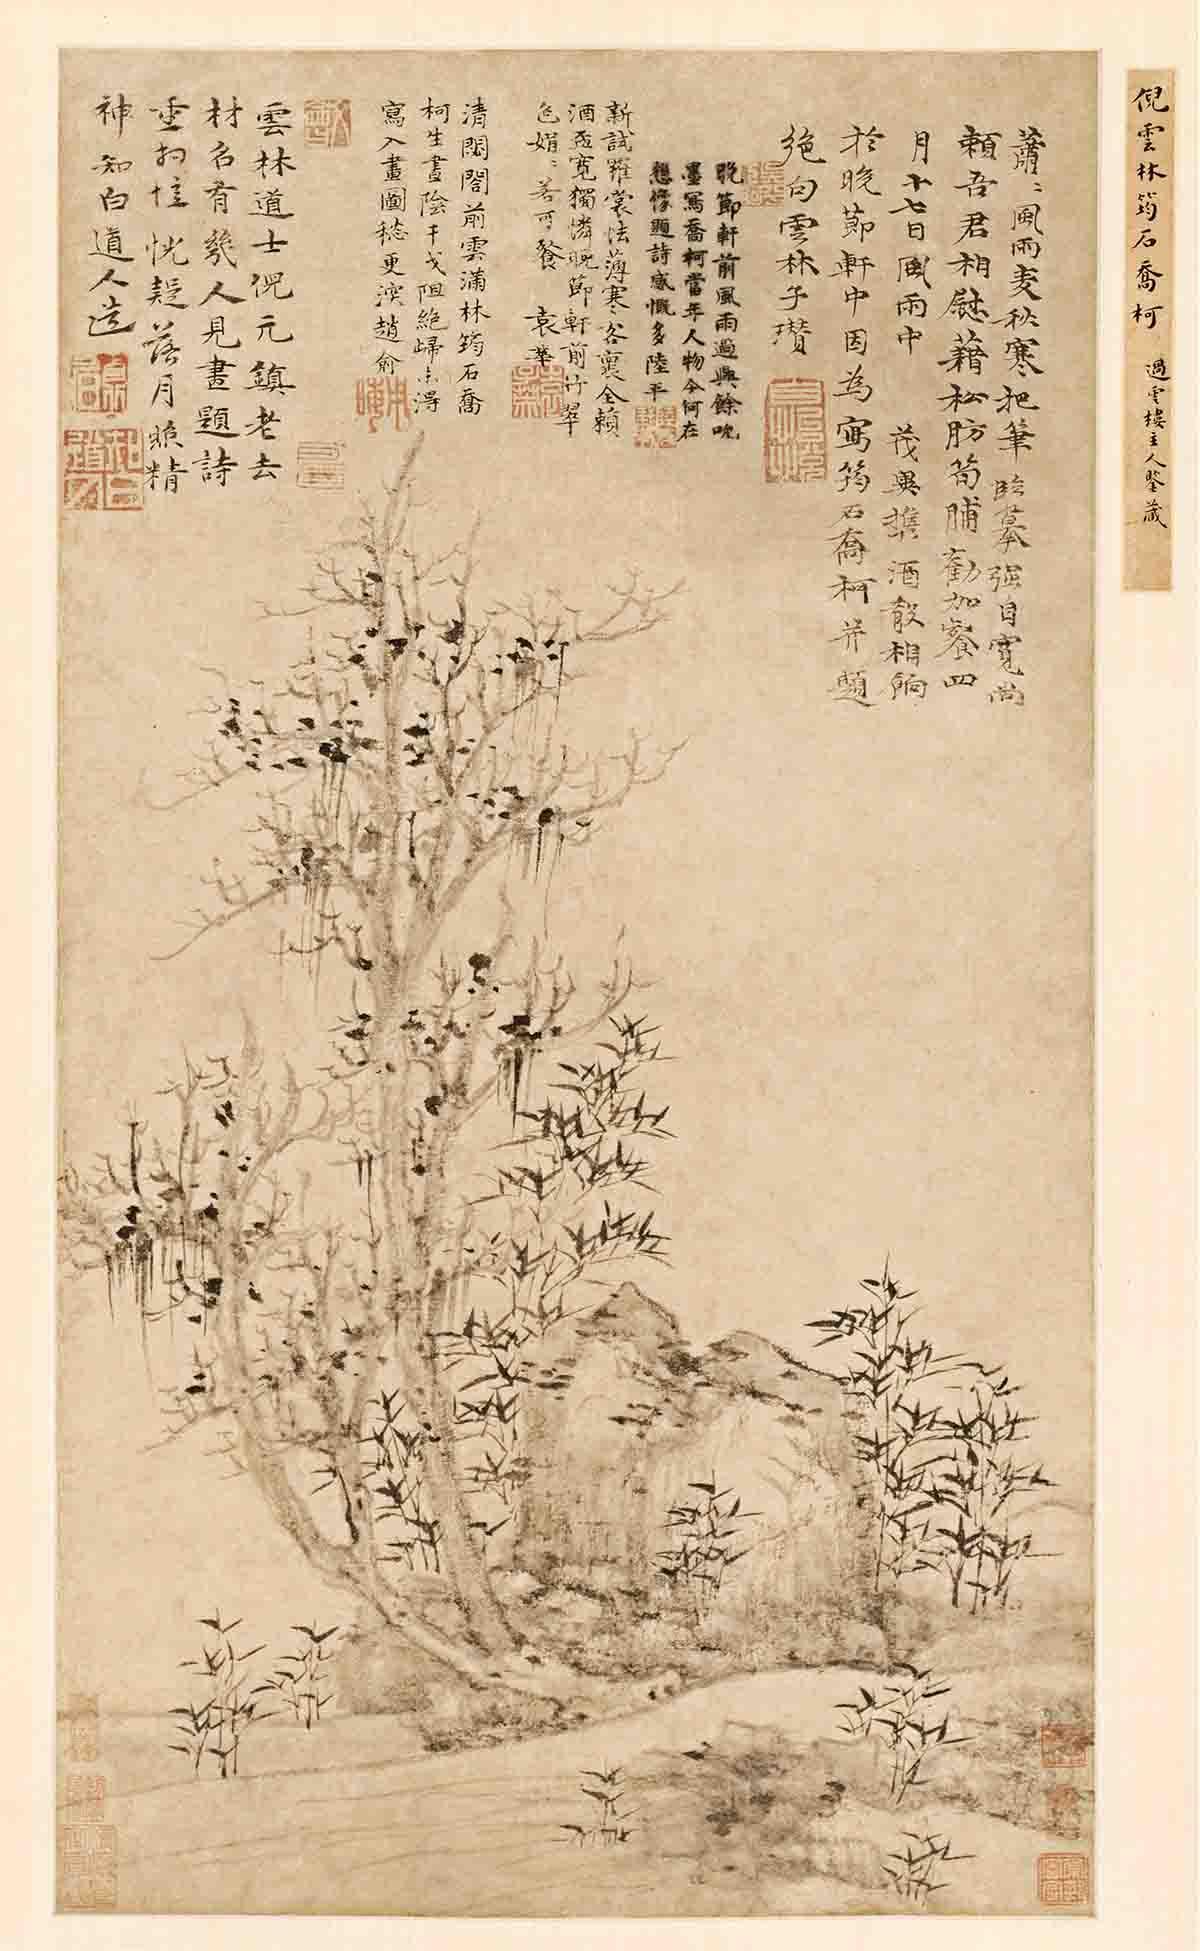 元 倪瓒 筠石乔柯图轴67.3×36.8克利夫兰馆藏